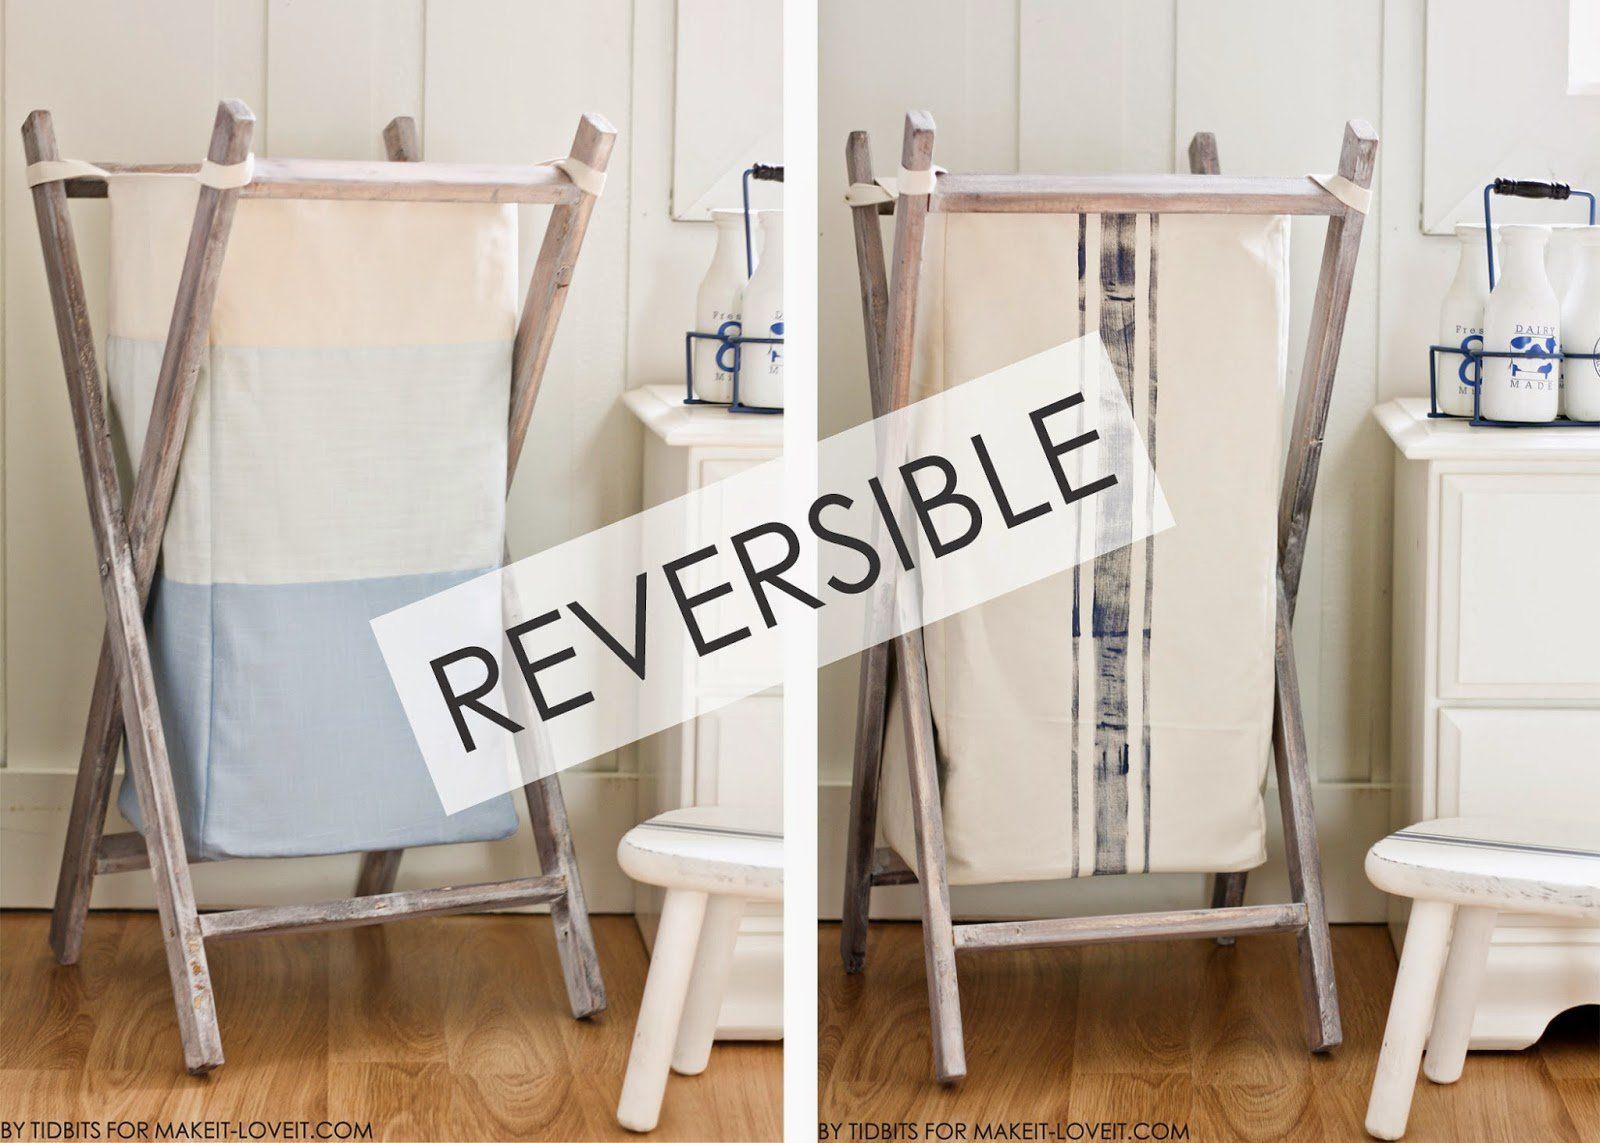 Exceptional DIY Foldable Wood Hamper Wih Reversible Bag Insert (makeit Loveit.com)